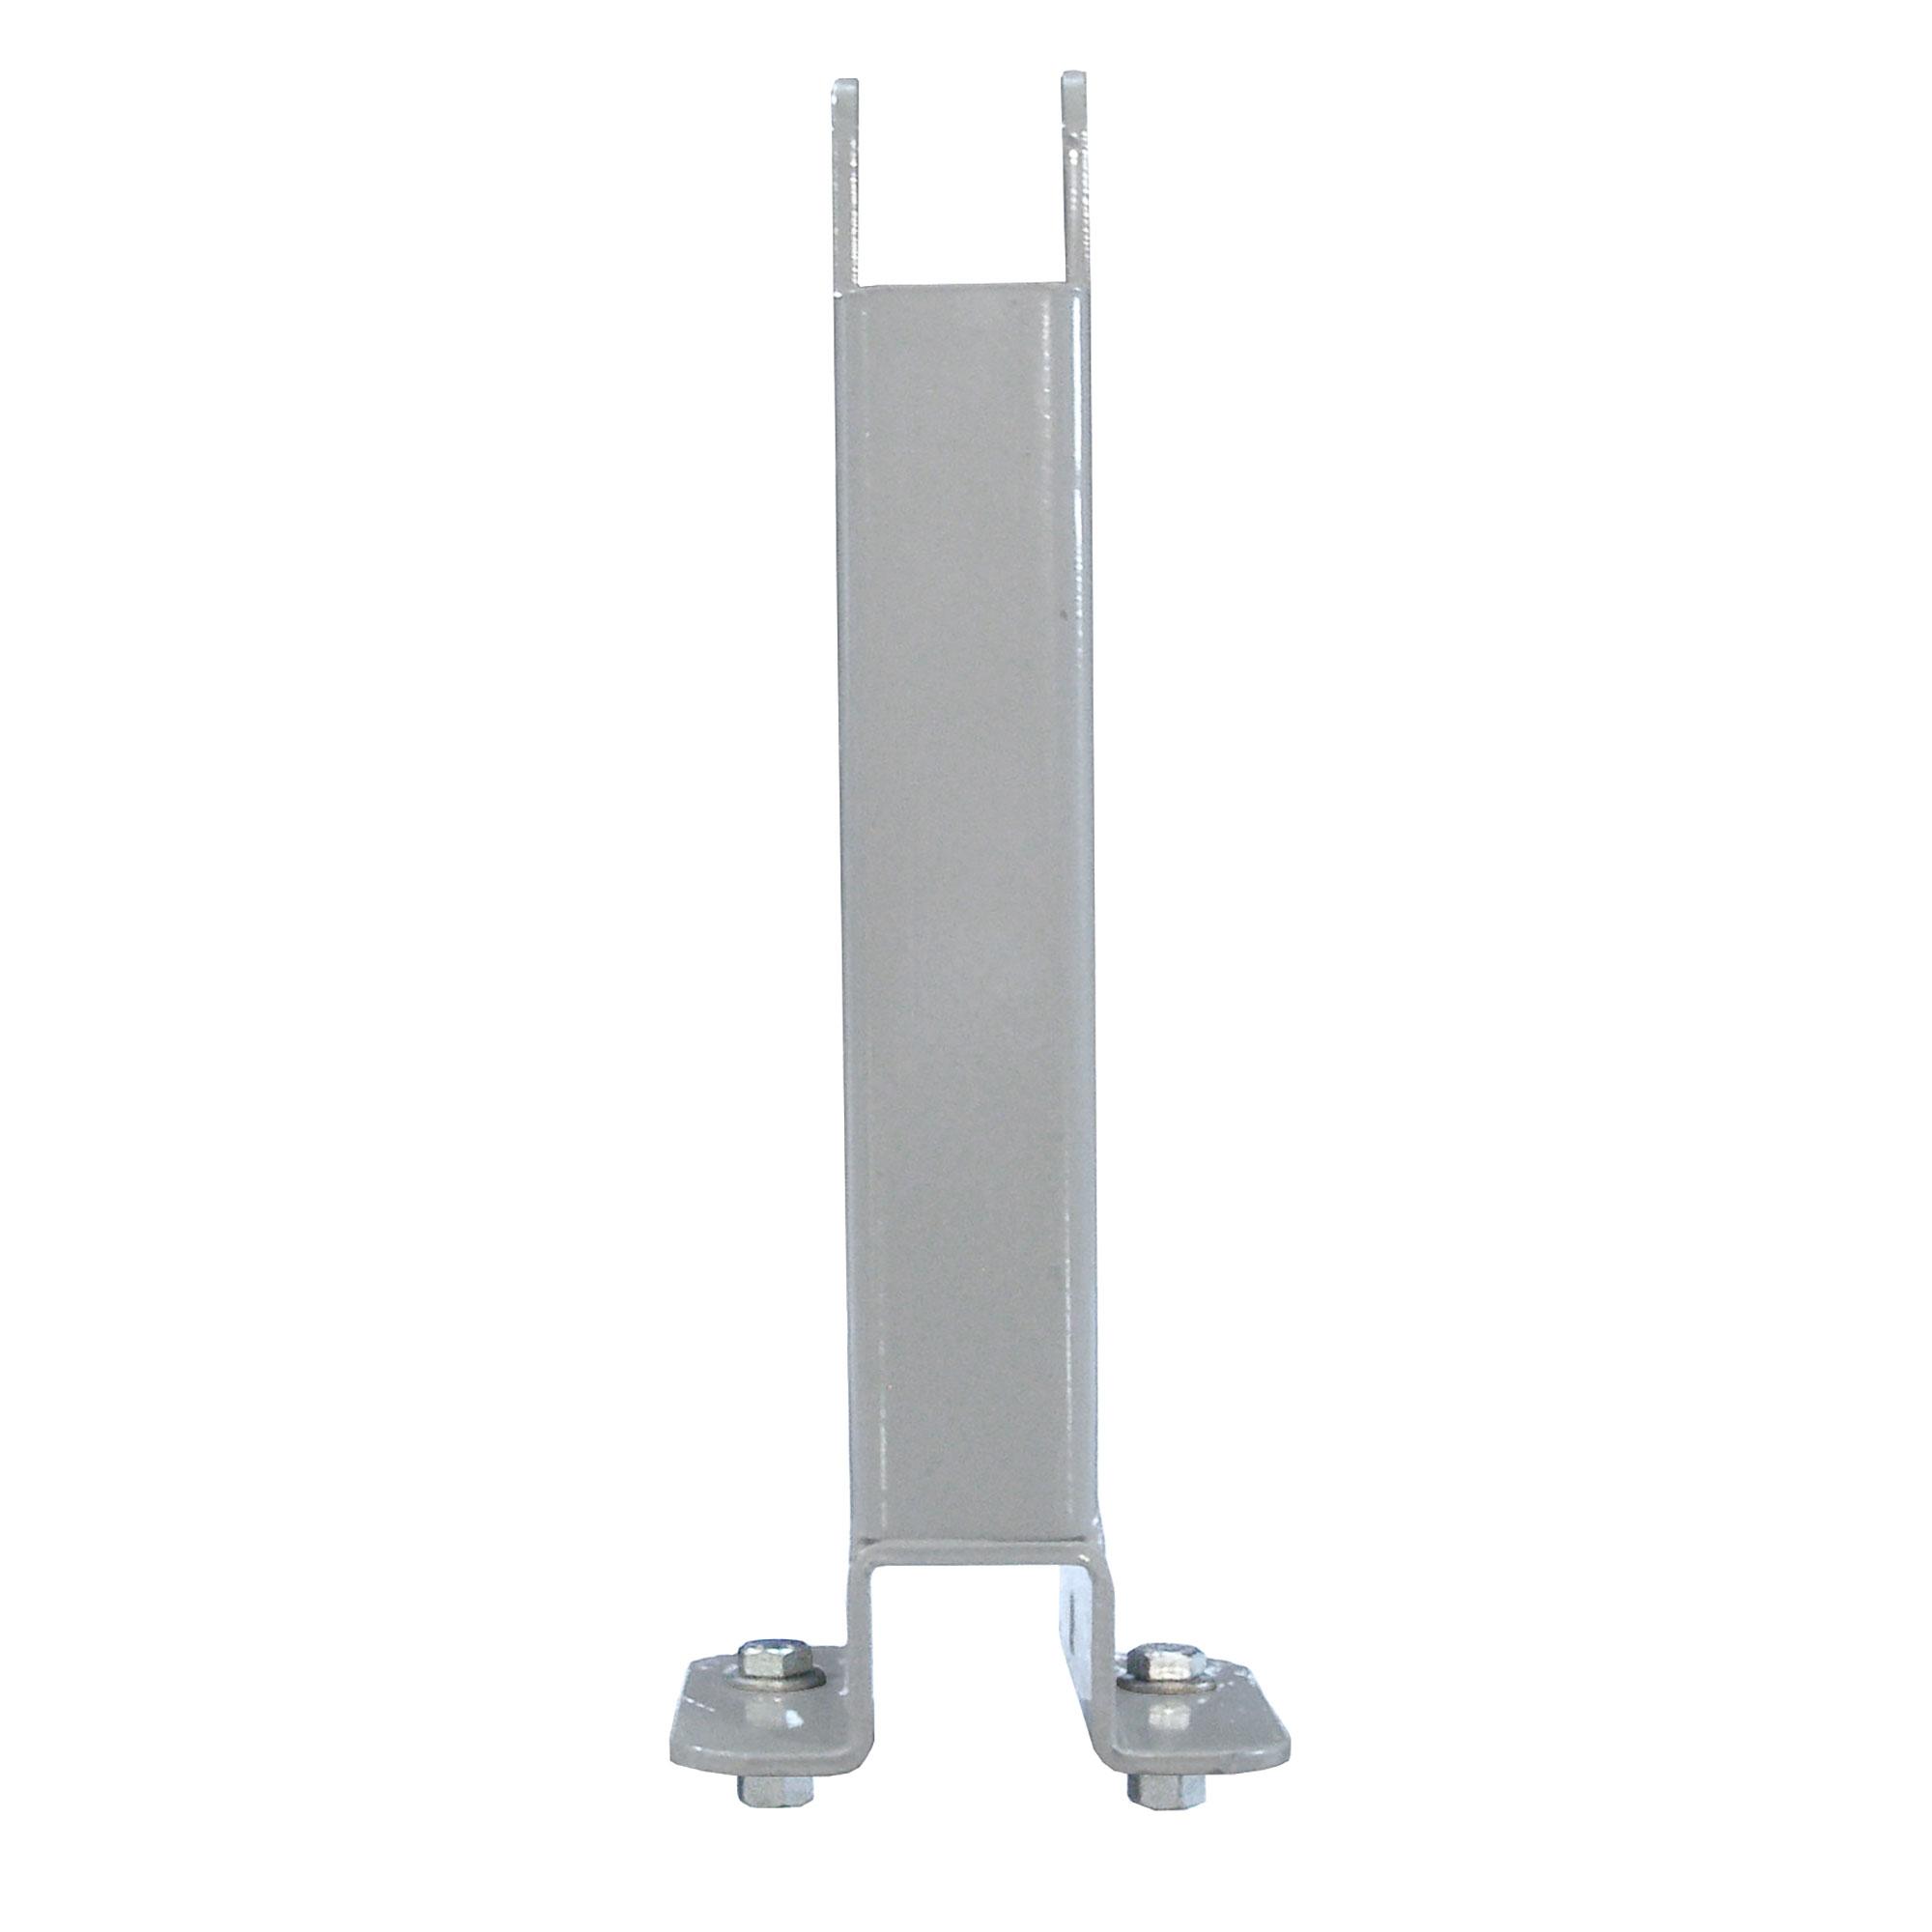 3 Point Draw Bar Stabilizer : Field tuff ftf dbrm heavy duty farm tractor drawbar